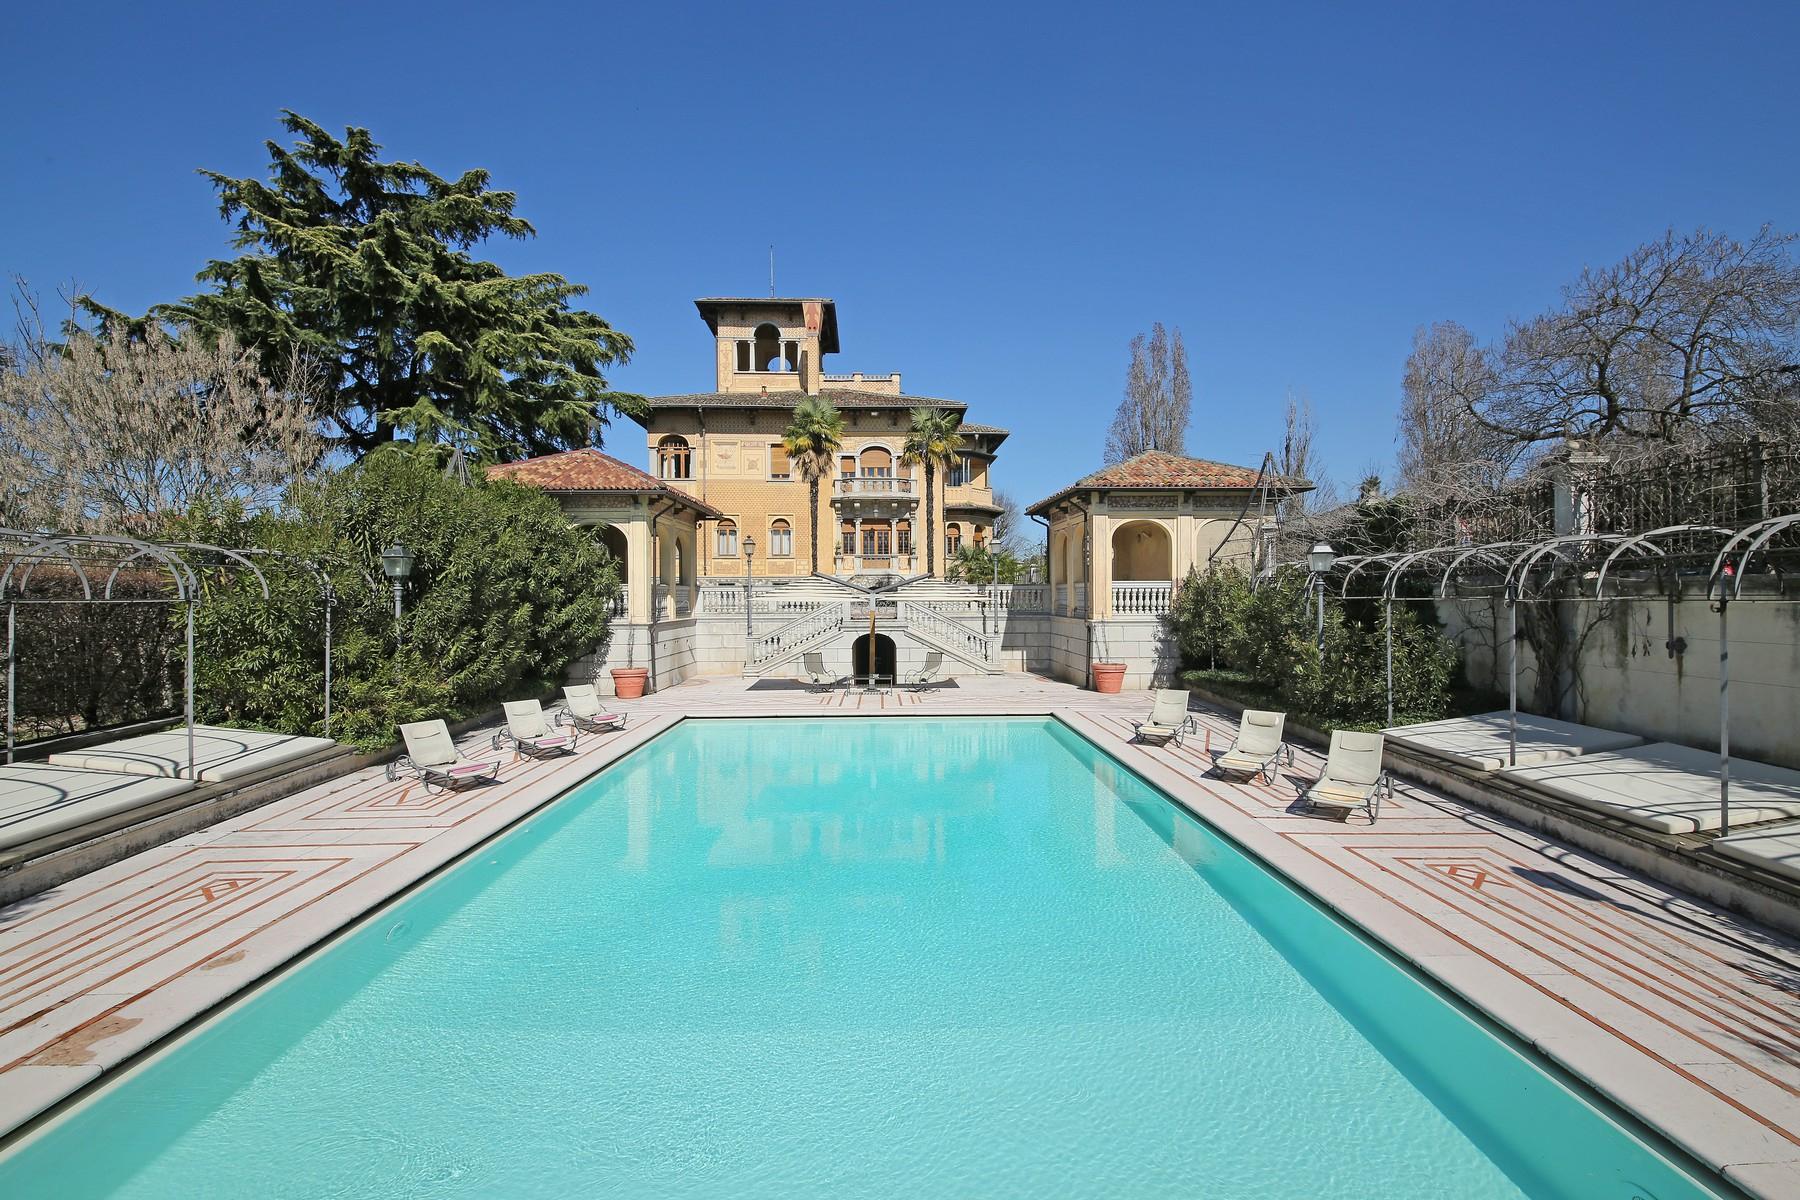 Villa in Vendita a Lonato: 5 locali, 2900 mq - Foto 3